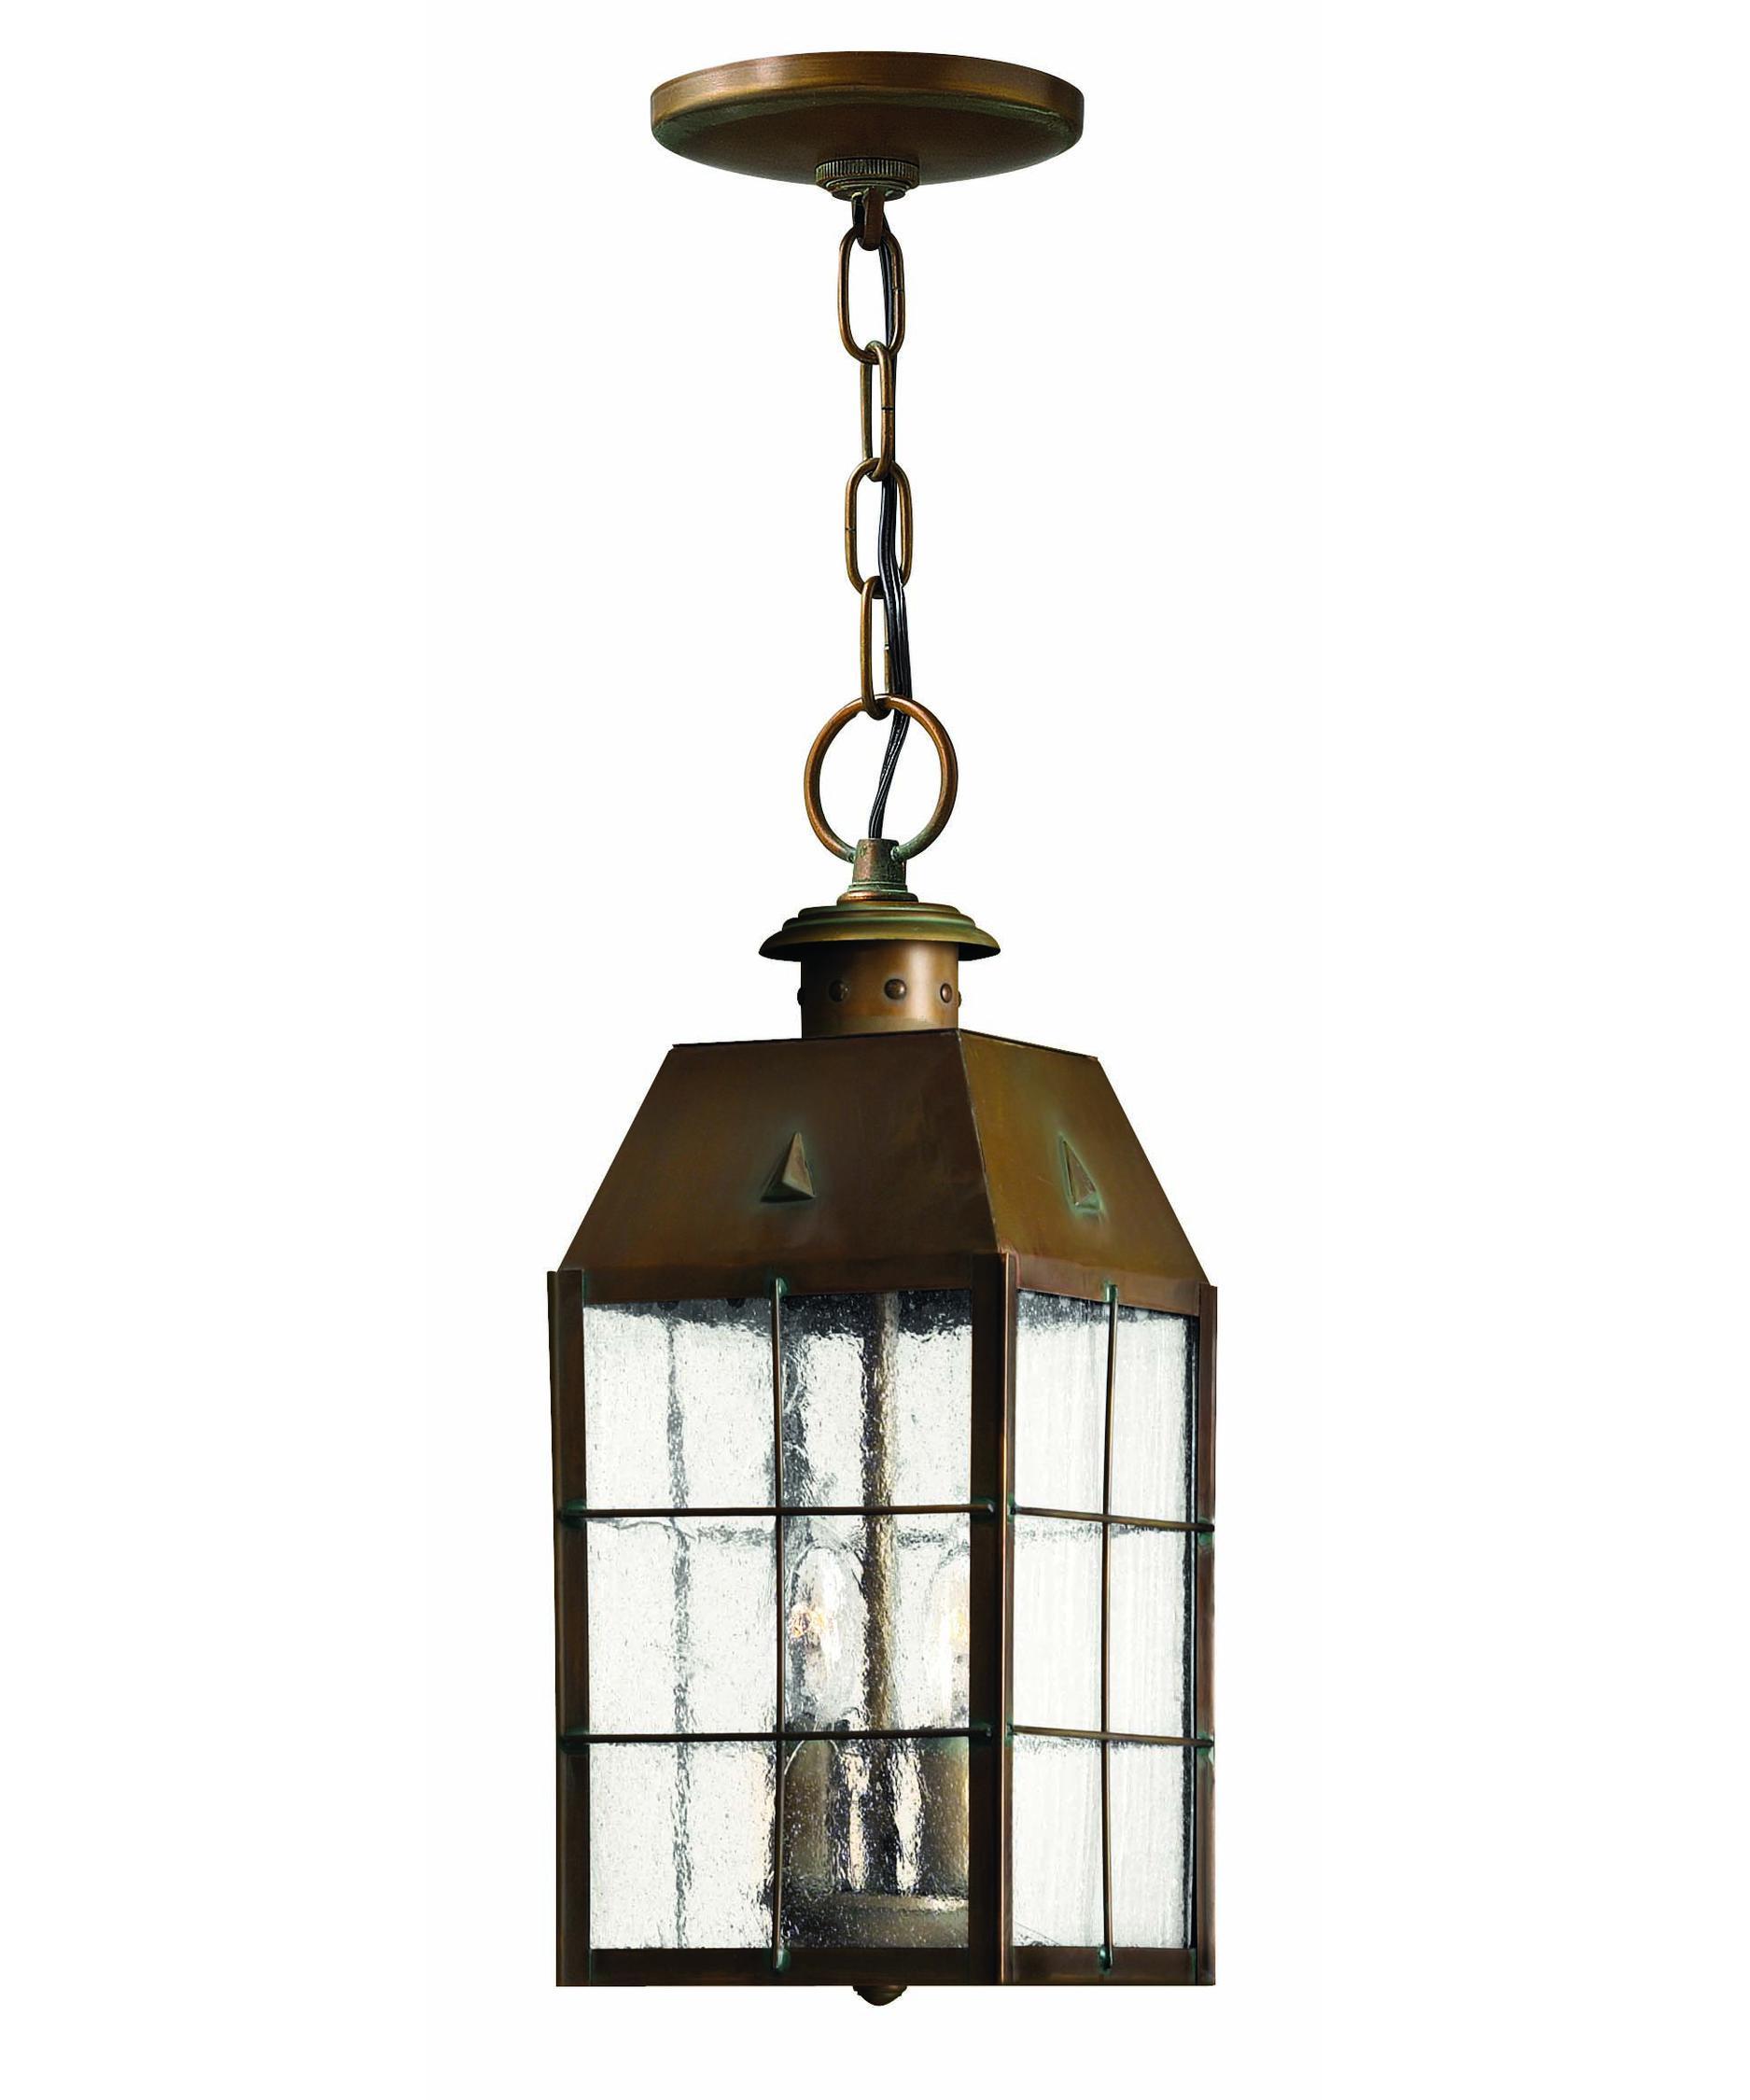 Outdoor hanging lamp - Hinkley Lighting 2372 Nantucket 6 Inch Wide 2 Light Outdoor Hanging Lantern Capitol Lighting 1 800lighting Com